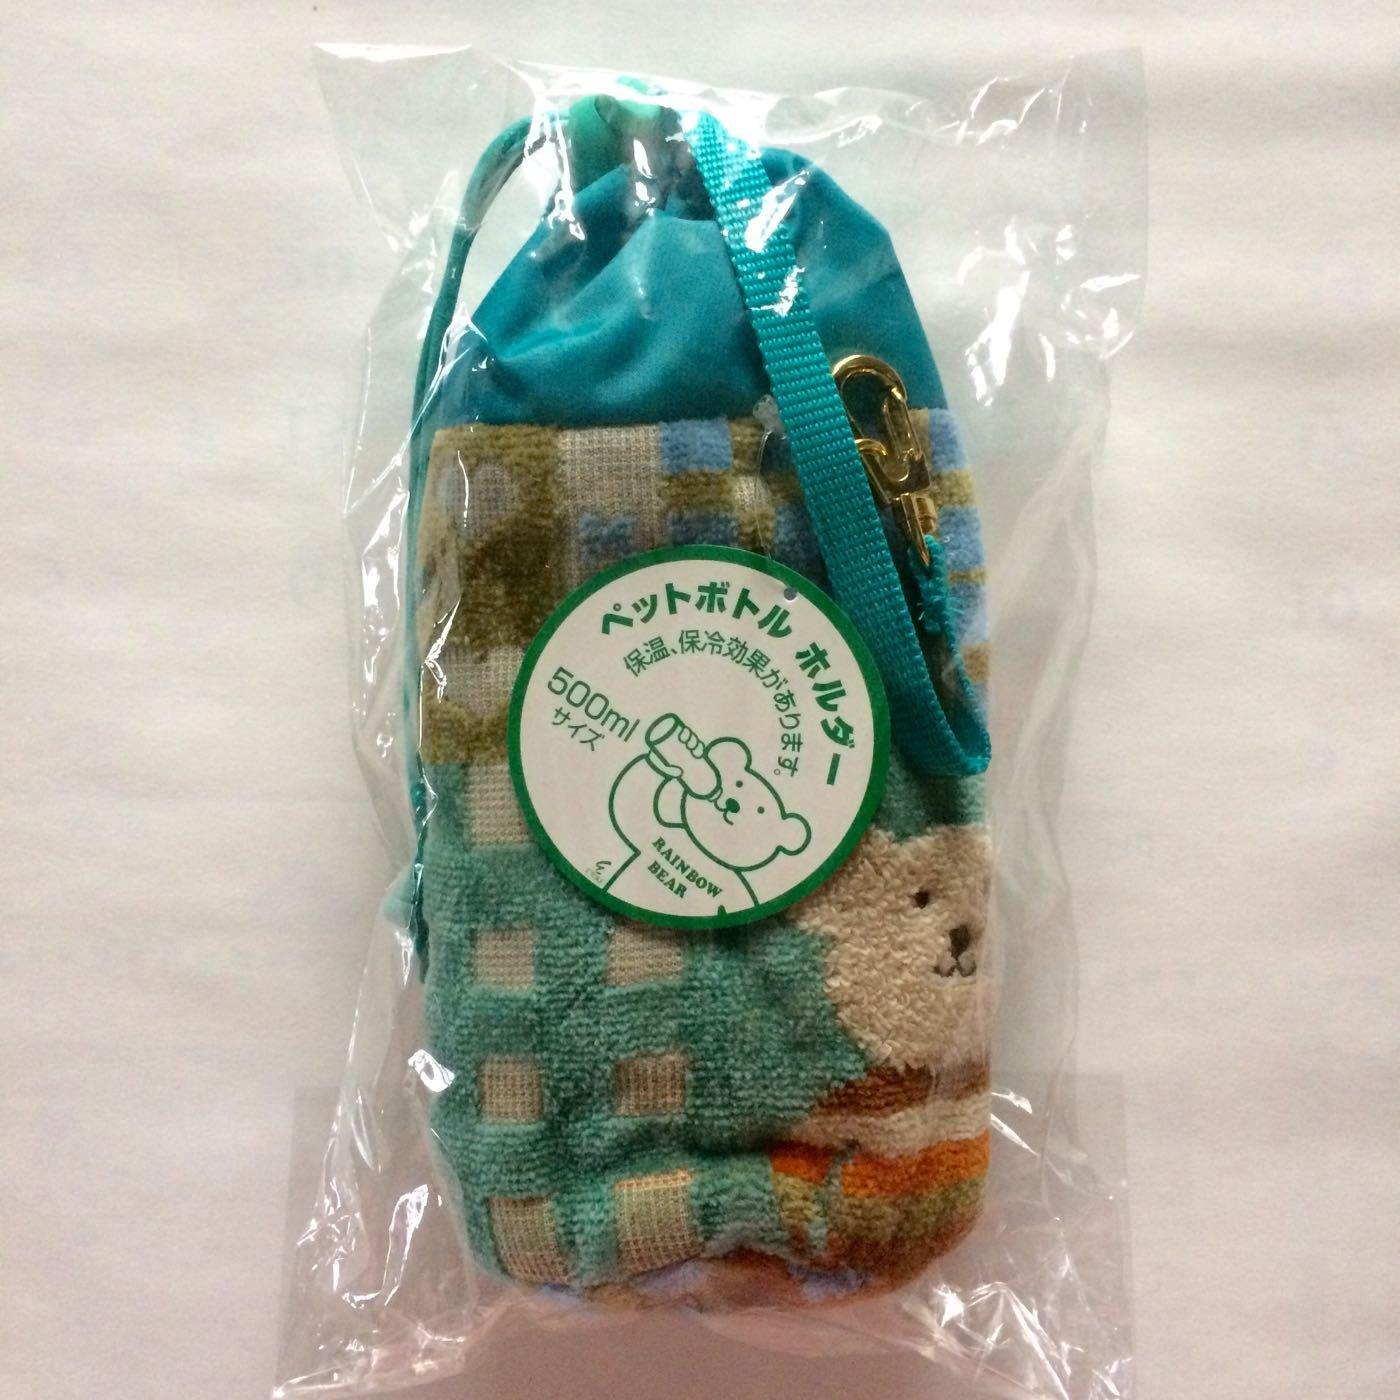 日本製彩虹熊水瓶保溫保冷提袋 收納袋